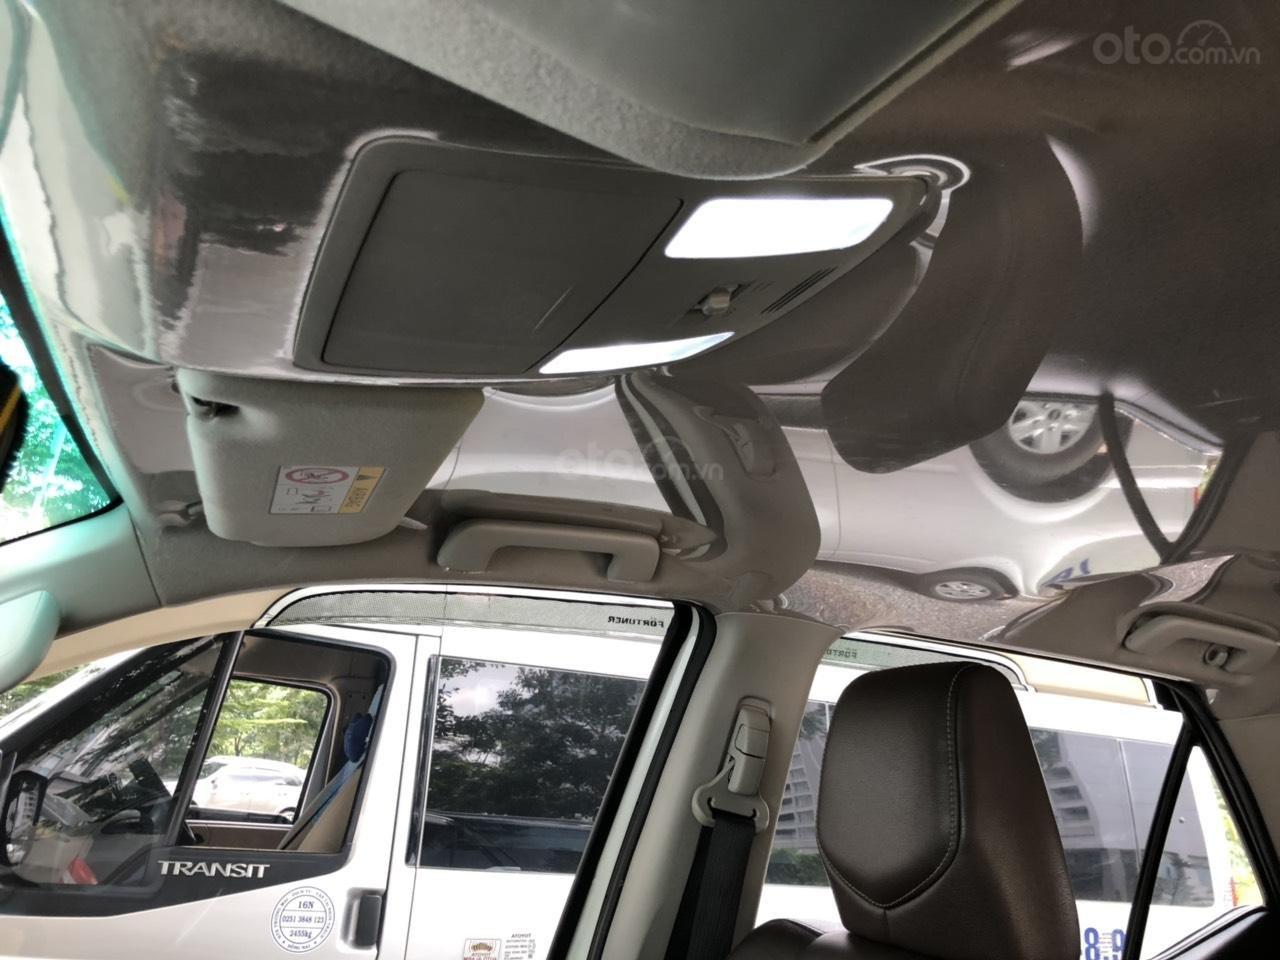 City Ford Used Car bán Toyota Fortuner 2.7V (4x2) năm 2017 nhập khẩu trả góp, xe còn bảo hành hãng (6)